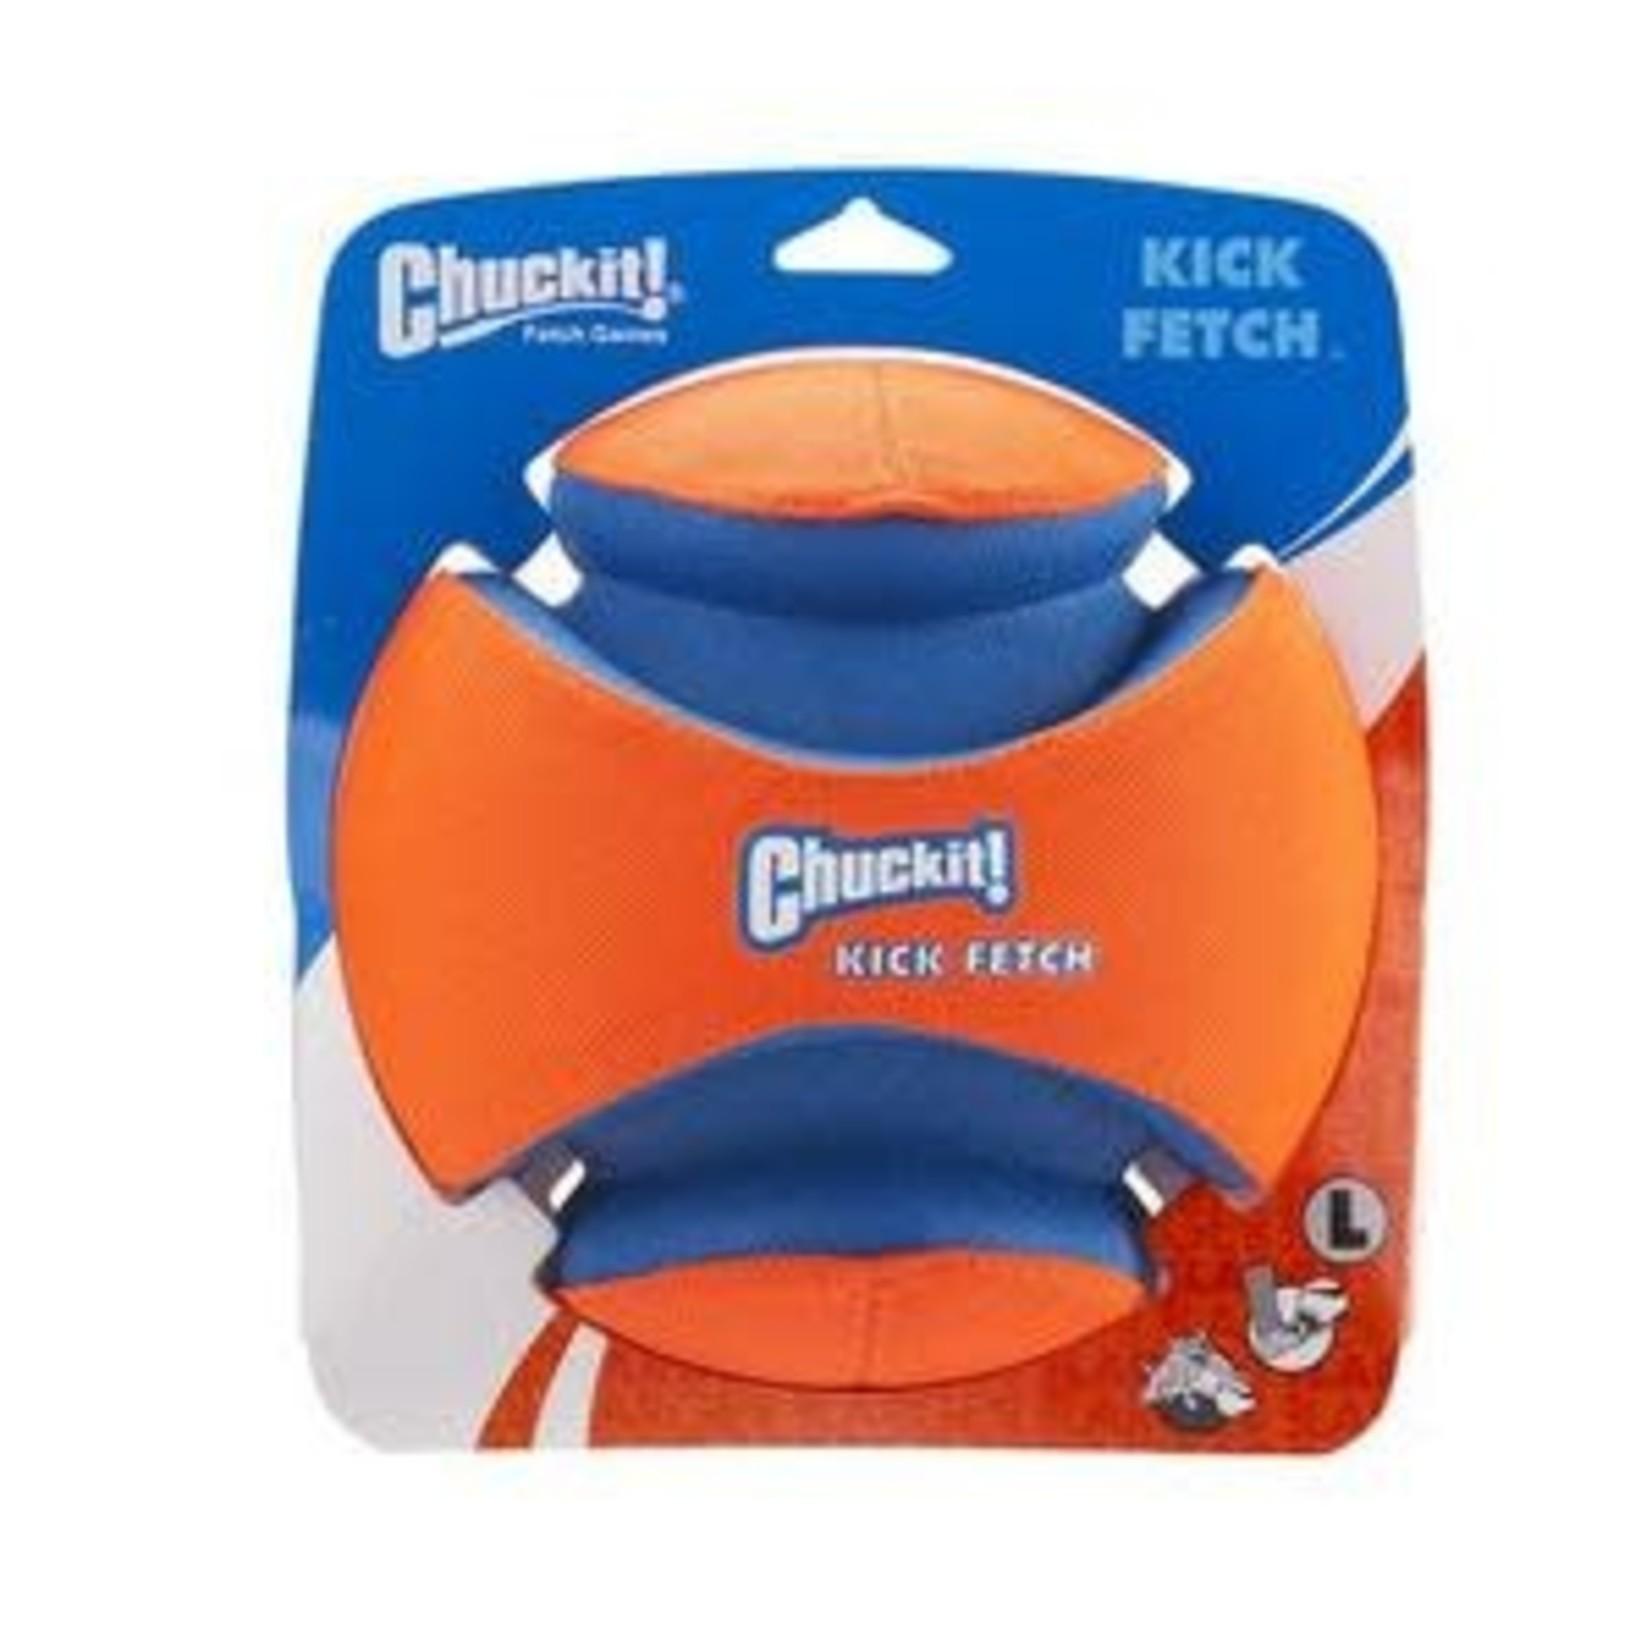 Chuckit! Chuckit! Kick fetch ball small